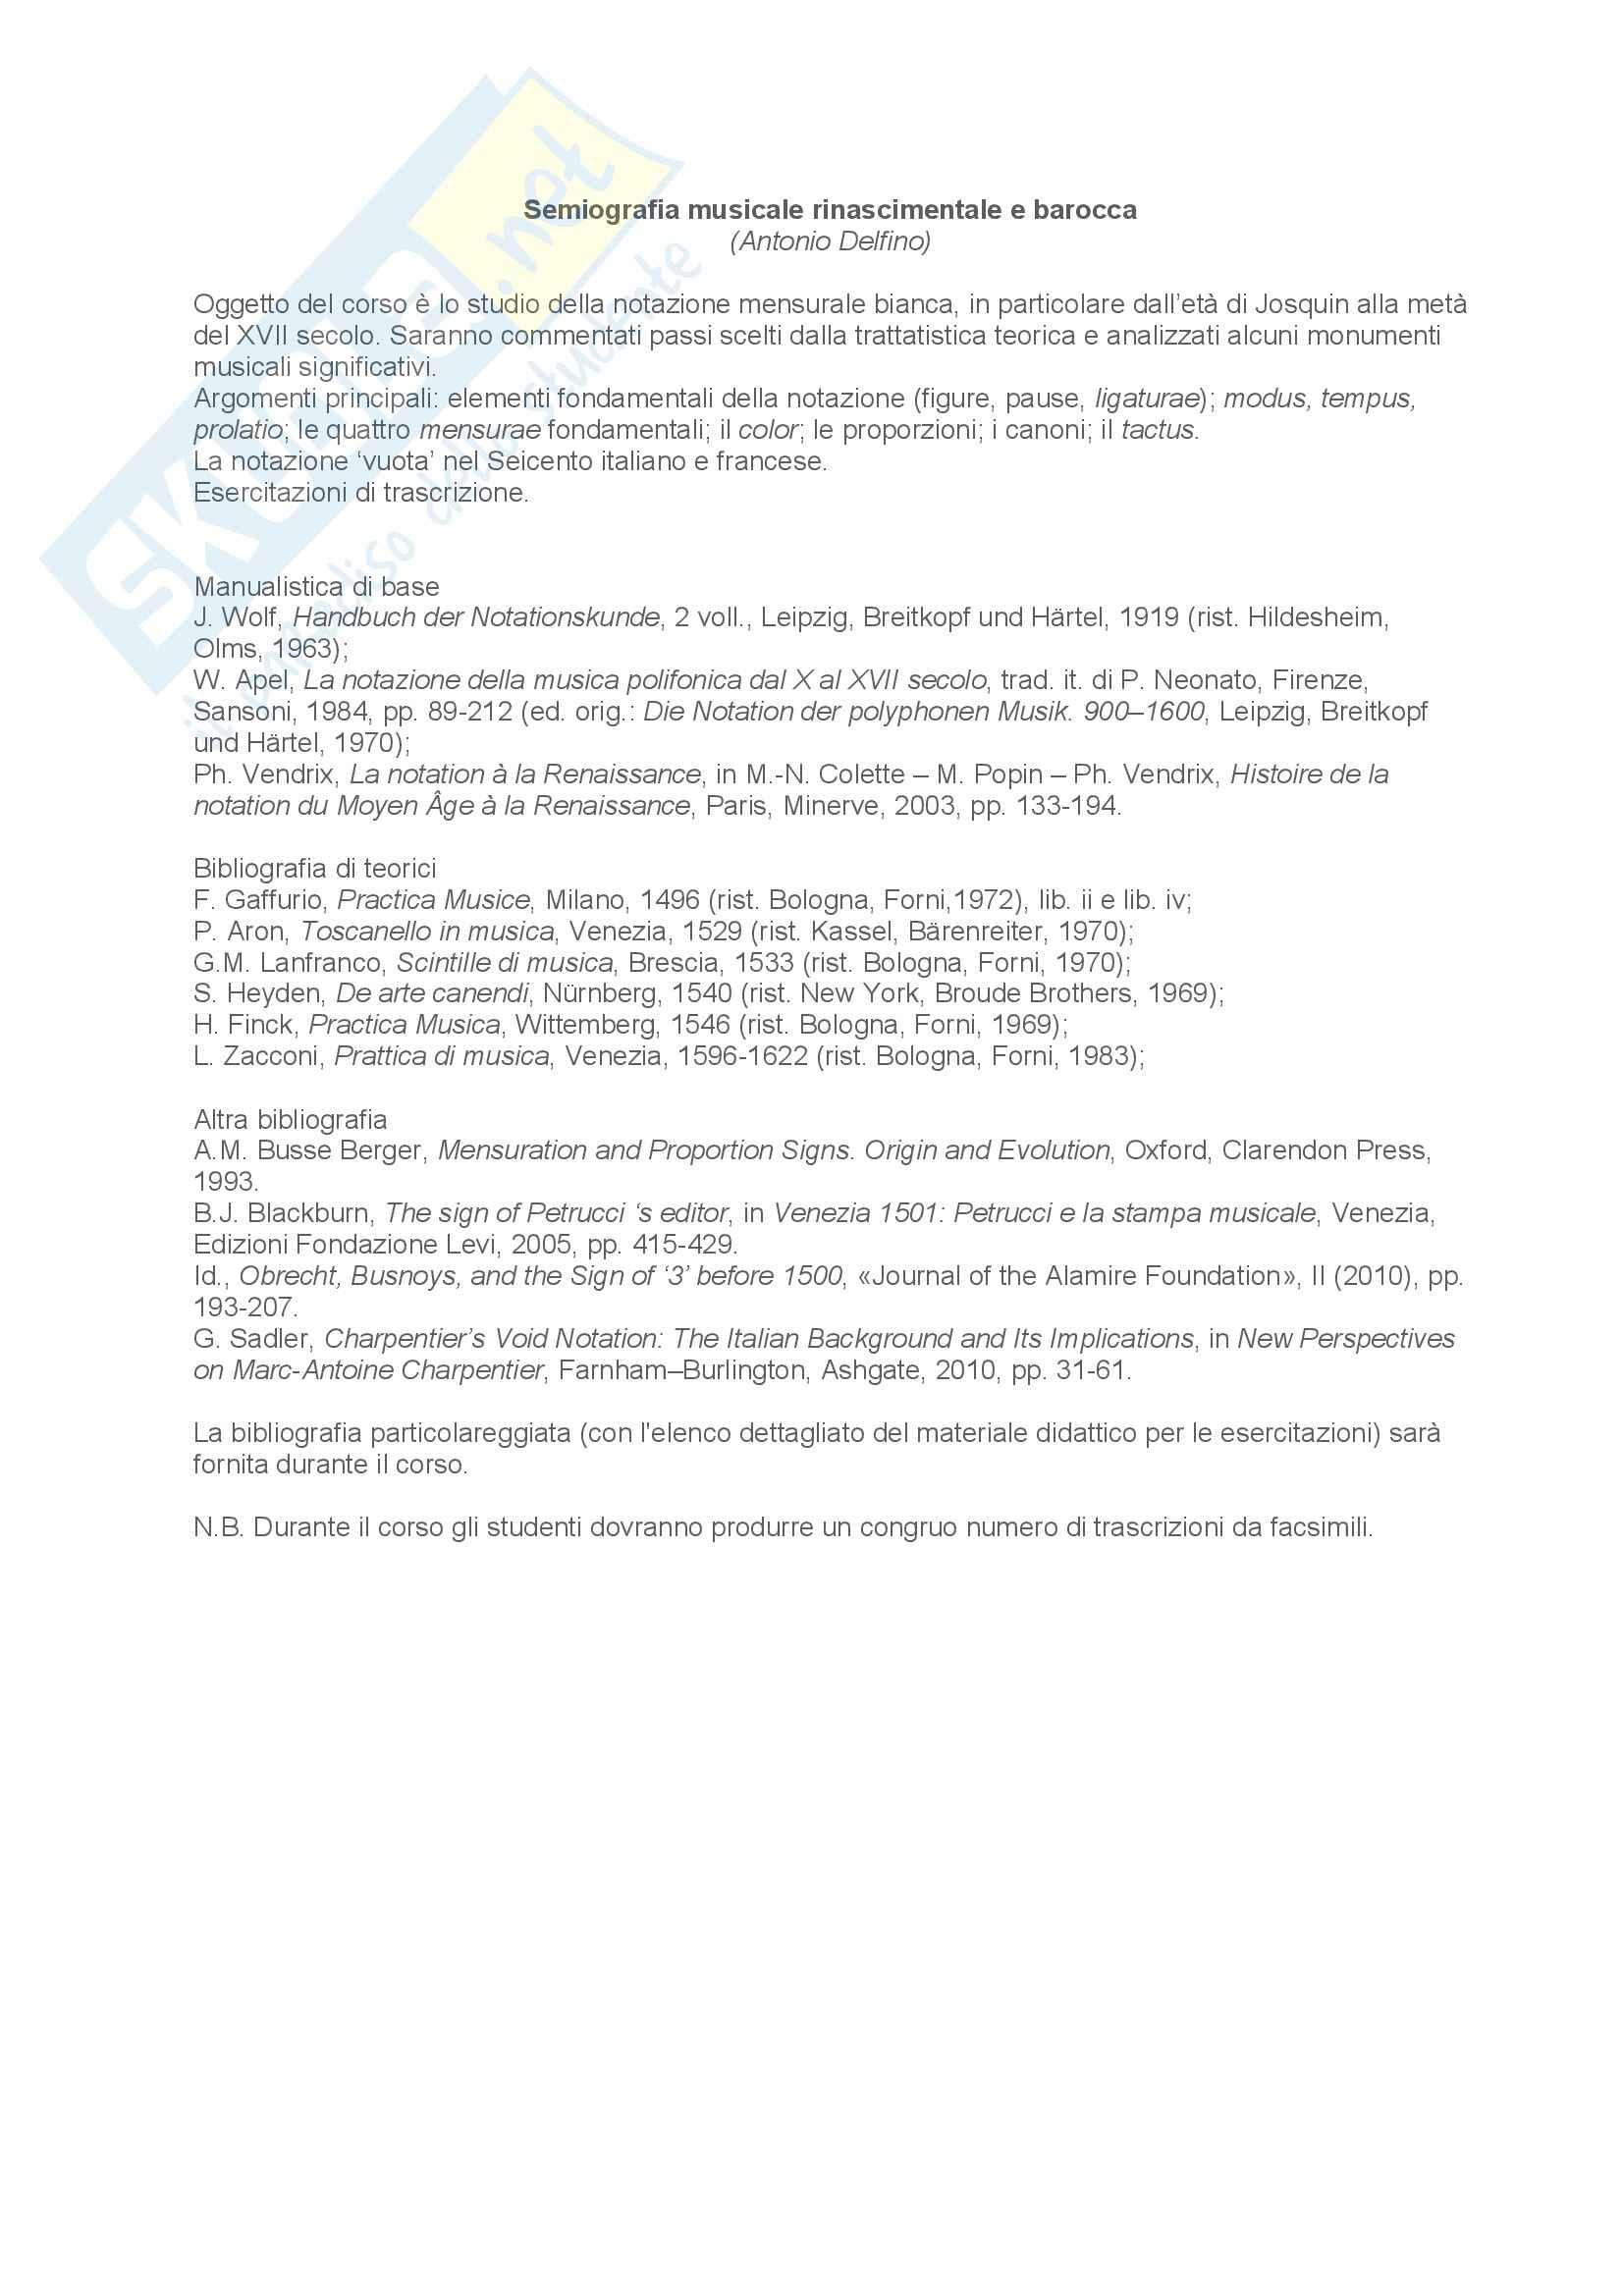 Notazione mensurale bianca